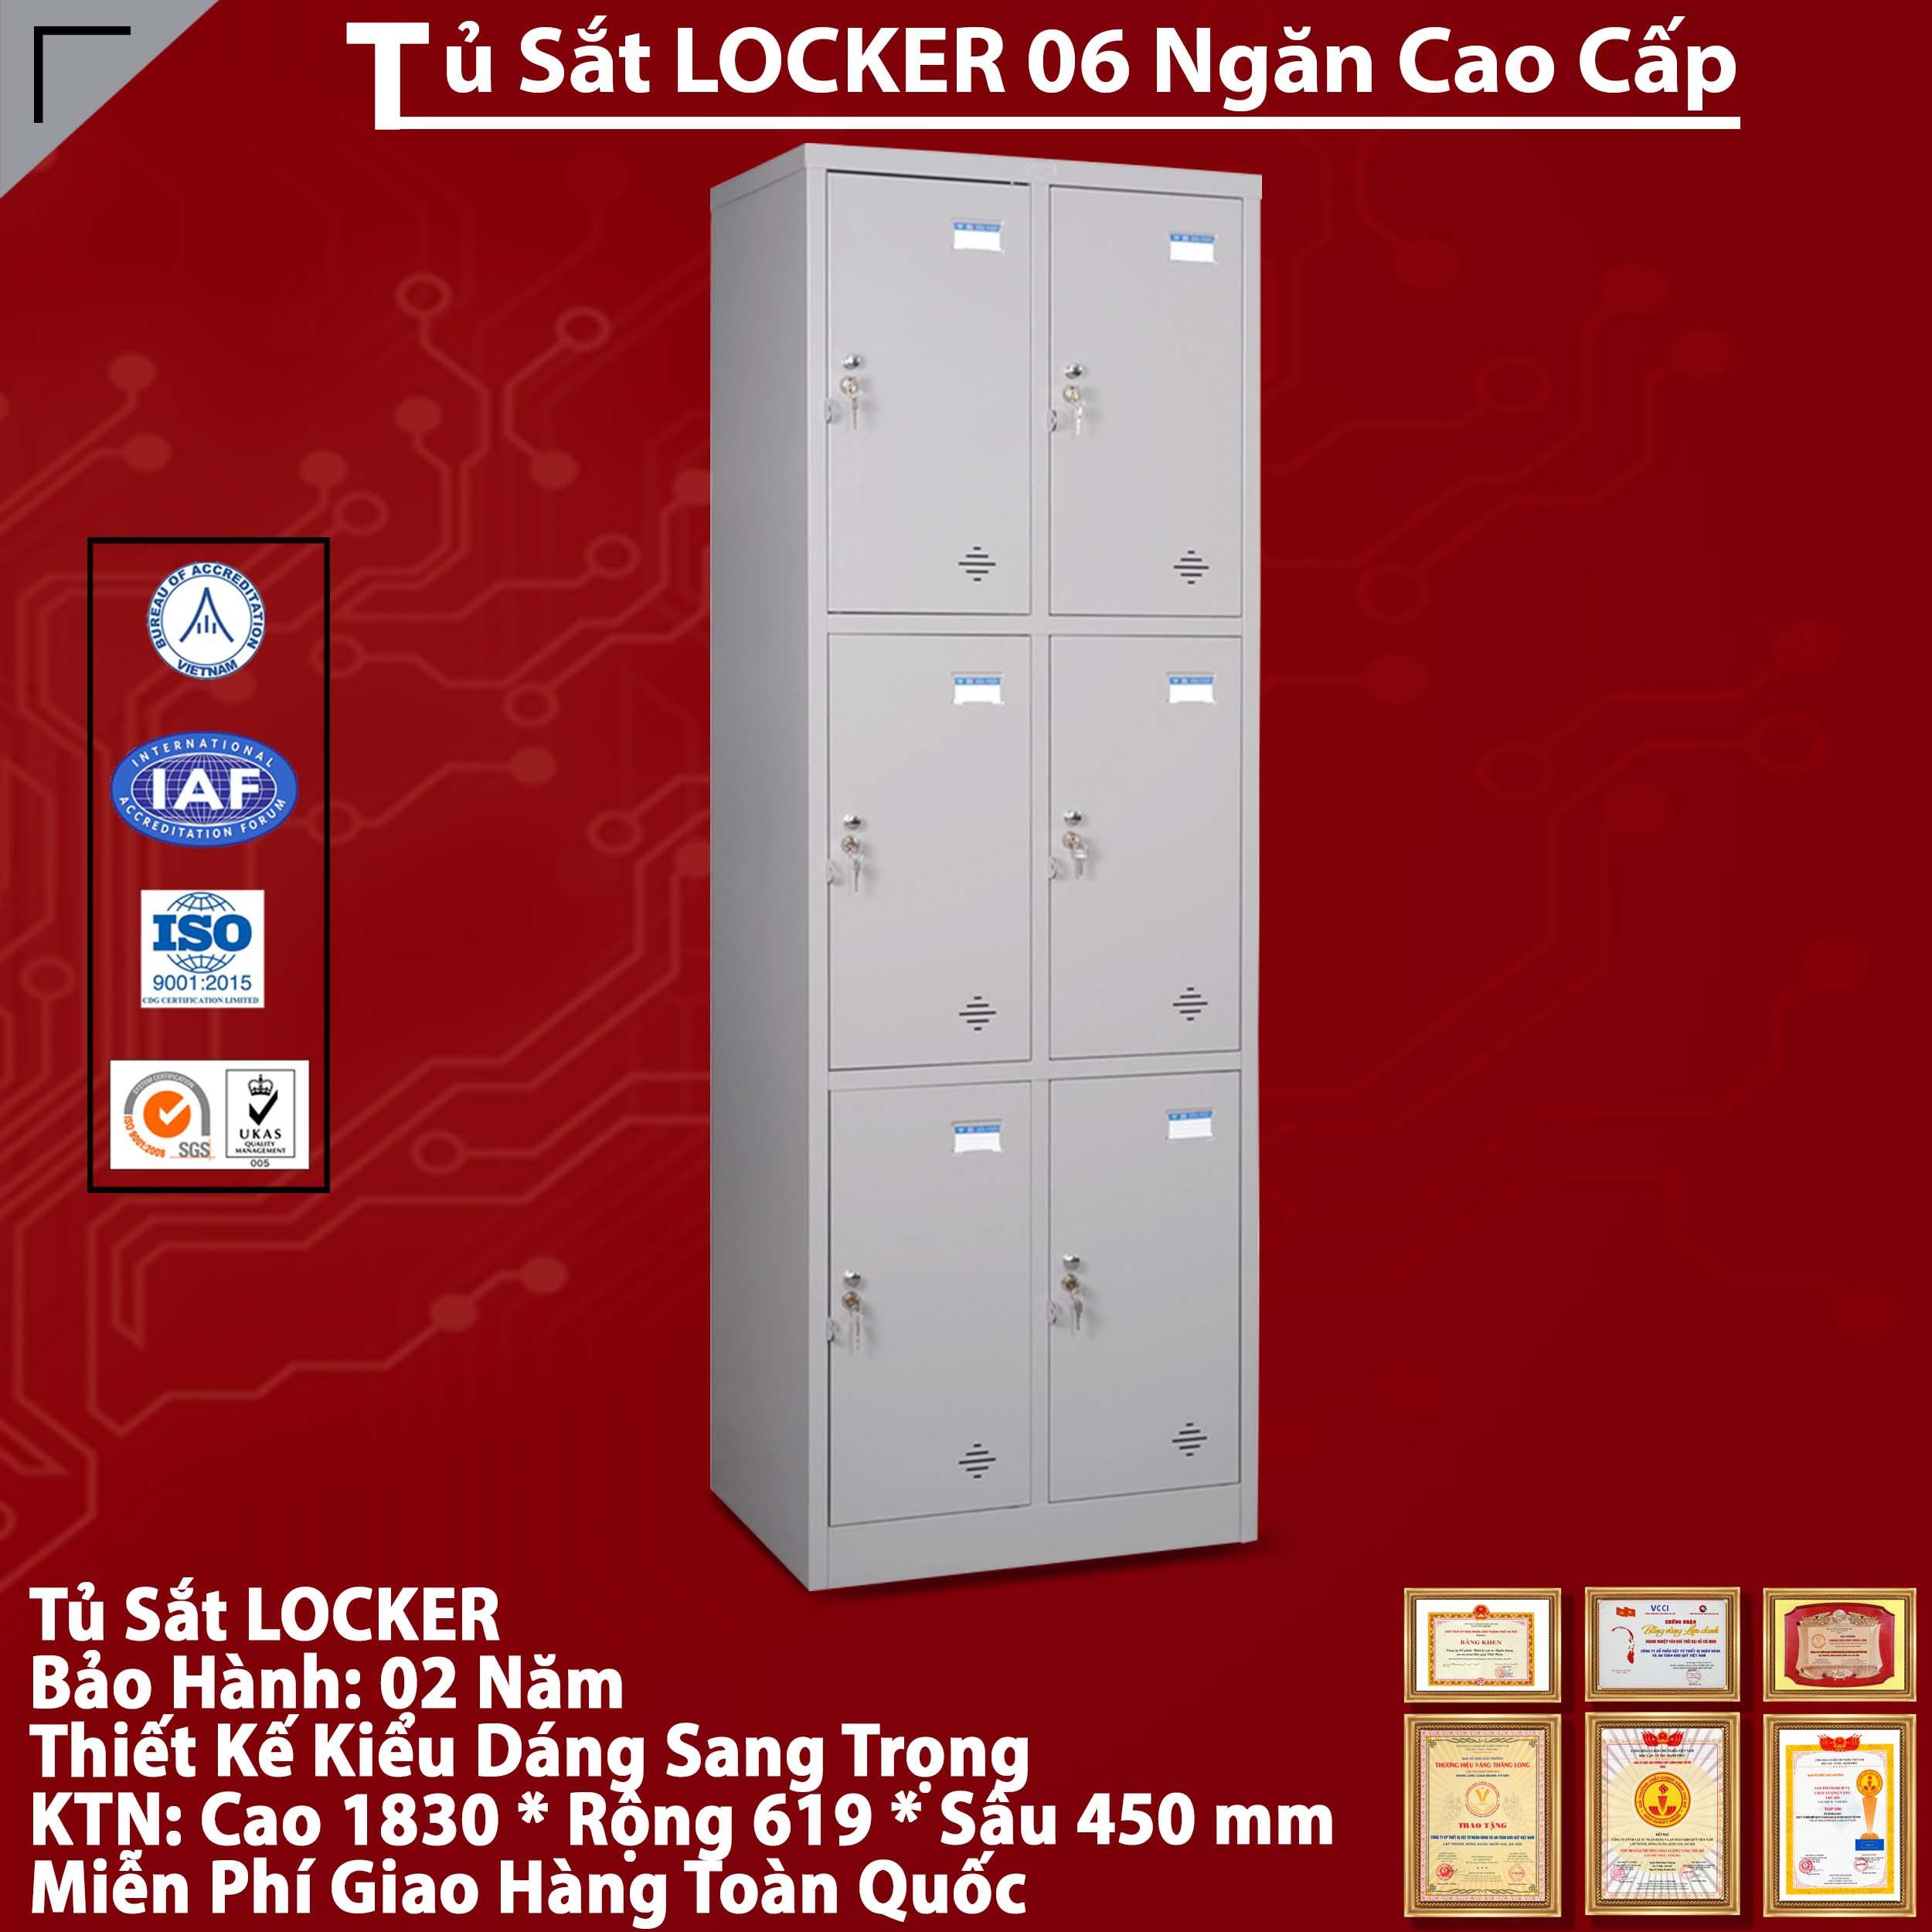 Tủ Locker Sắt 6 Ngăn - Giao Hàng Siêu Tốc